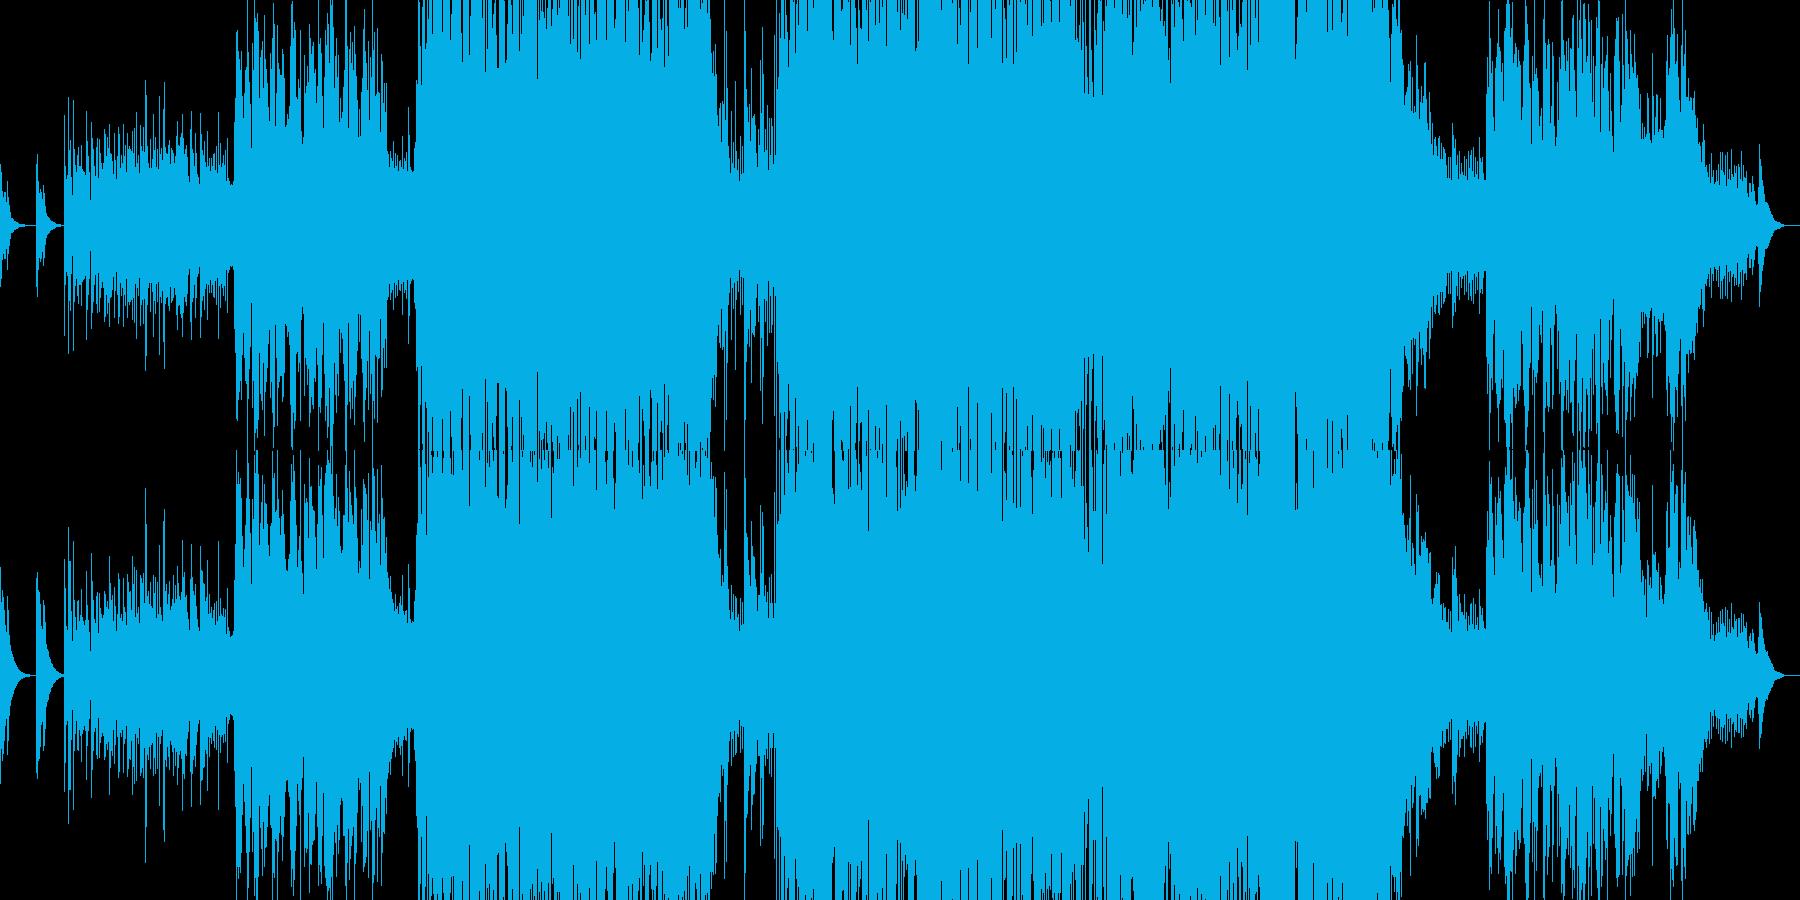 男性ボーカルによる感動的バラードの再生済みの波形